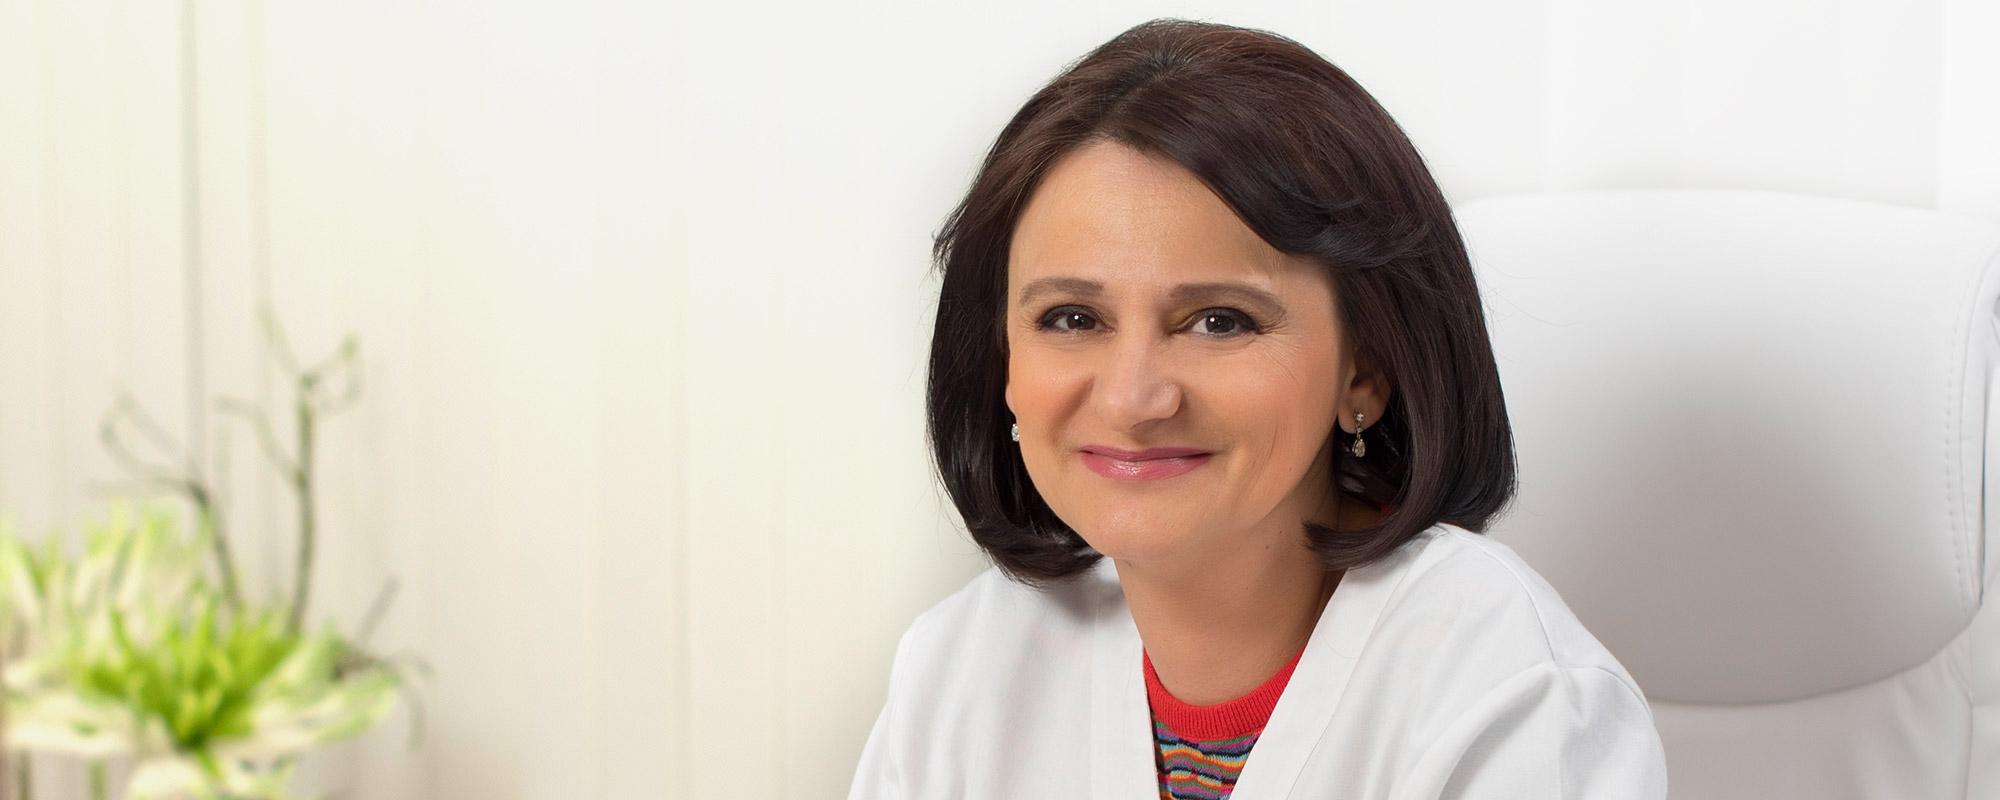 <span>Clinica Medicum</span> reuneste sub acelasi acoperis unii dintre <br> cei mai competenti medici din Romania. <br> <span>Dr. Iordache Viviana</span>